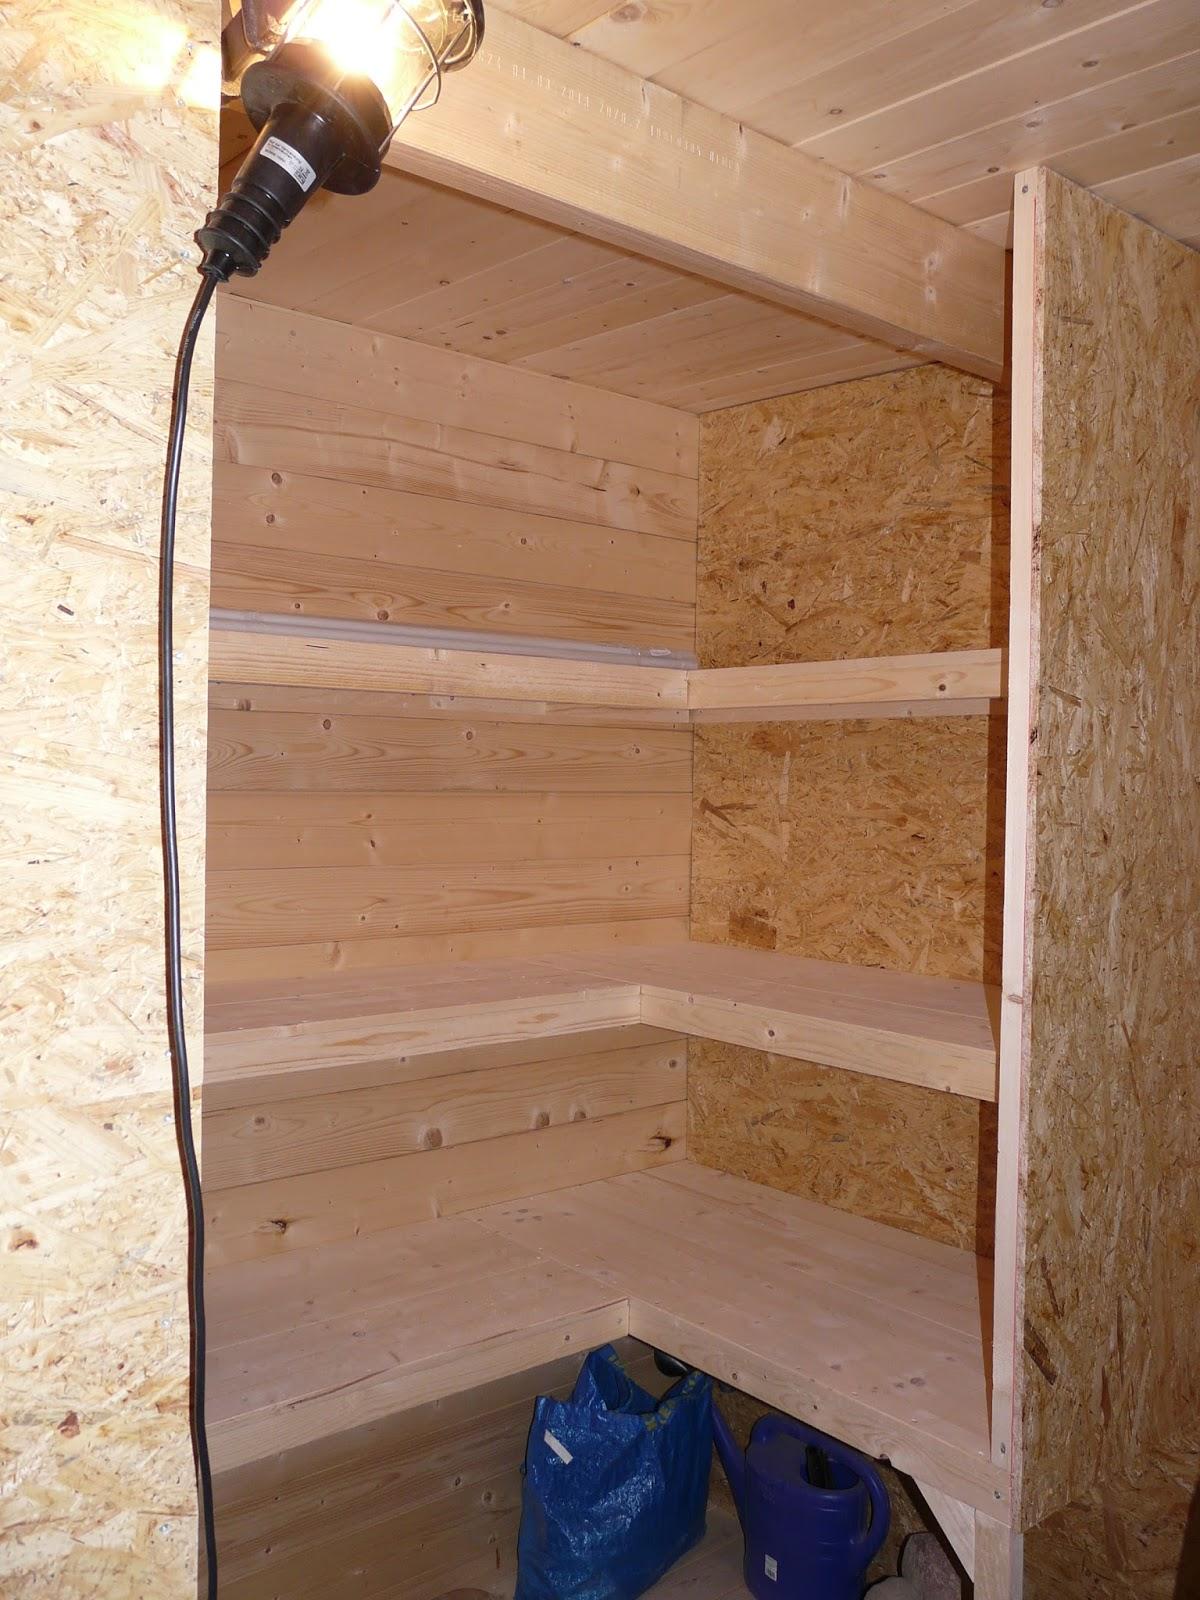 wand mit osb platten verkleiden werkstattumbau neue w nde frau holz osb platten. Black Bedroom Furniture Sets. Home Design Ideas